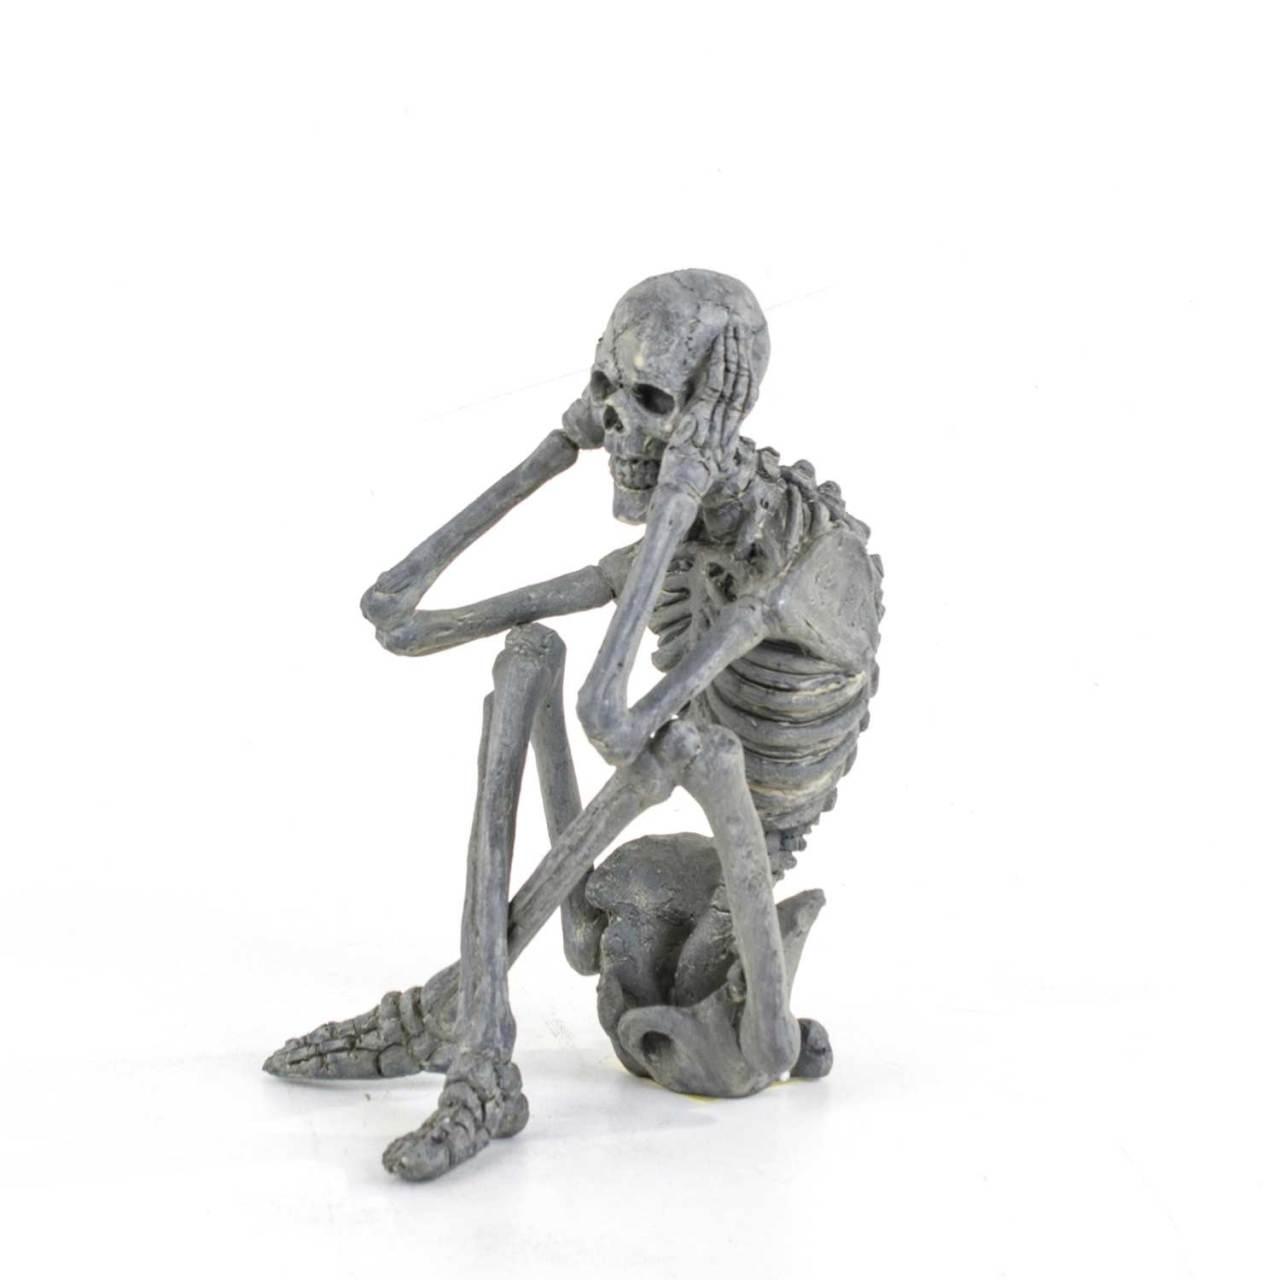 iskelet ile ilgili görsel sonucu